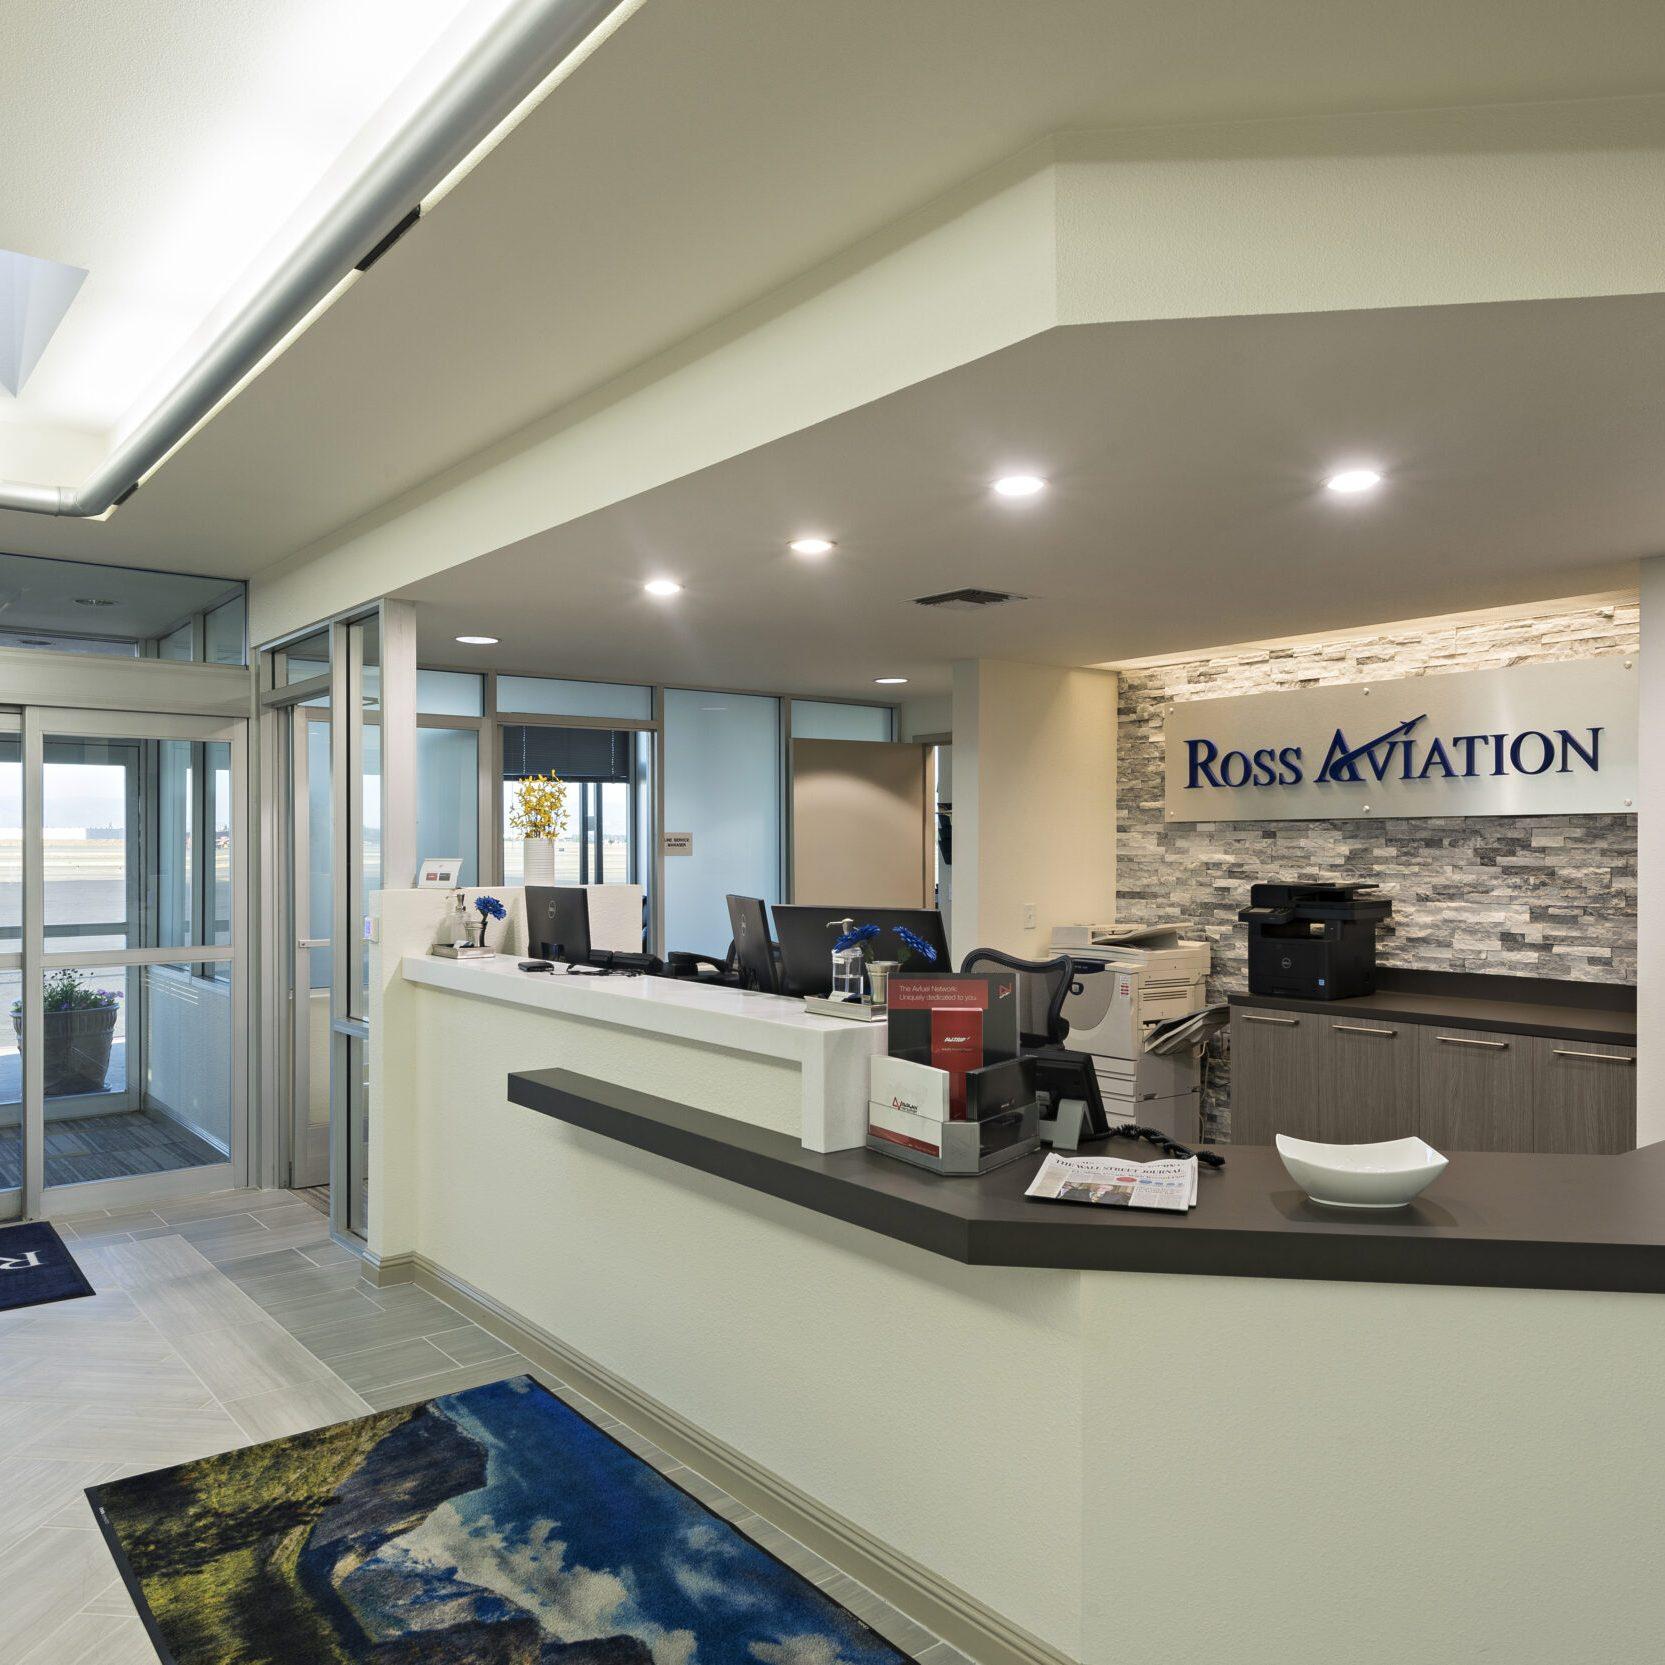 Ross Aviation Fresno FBO lobby